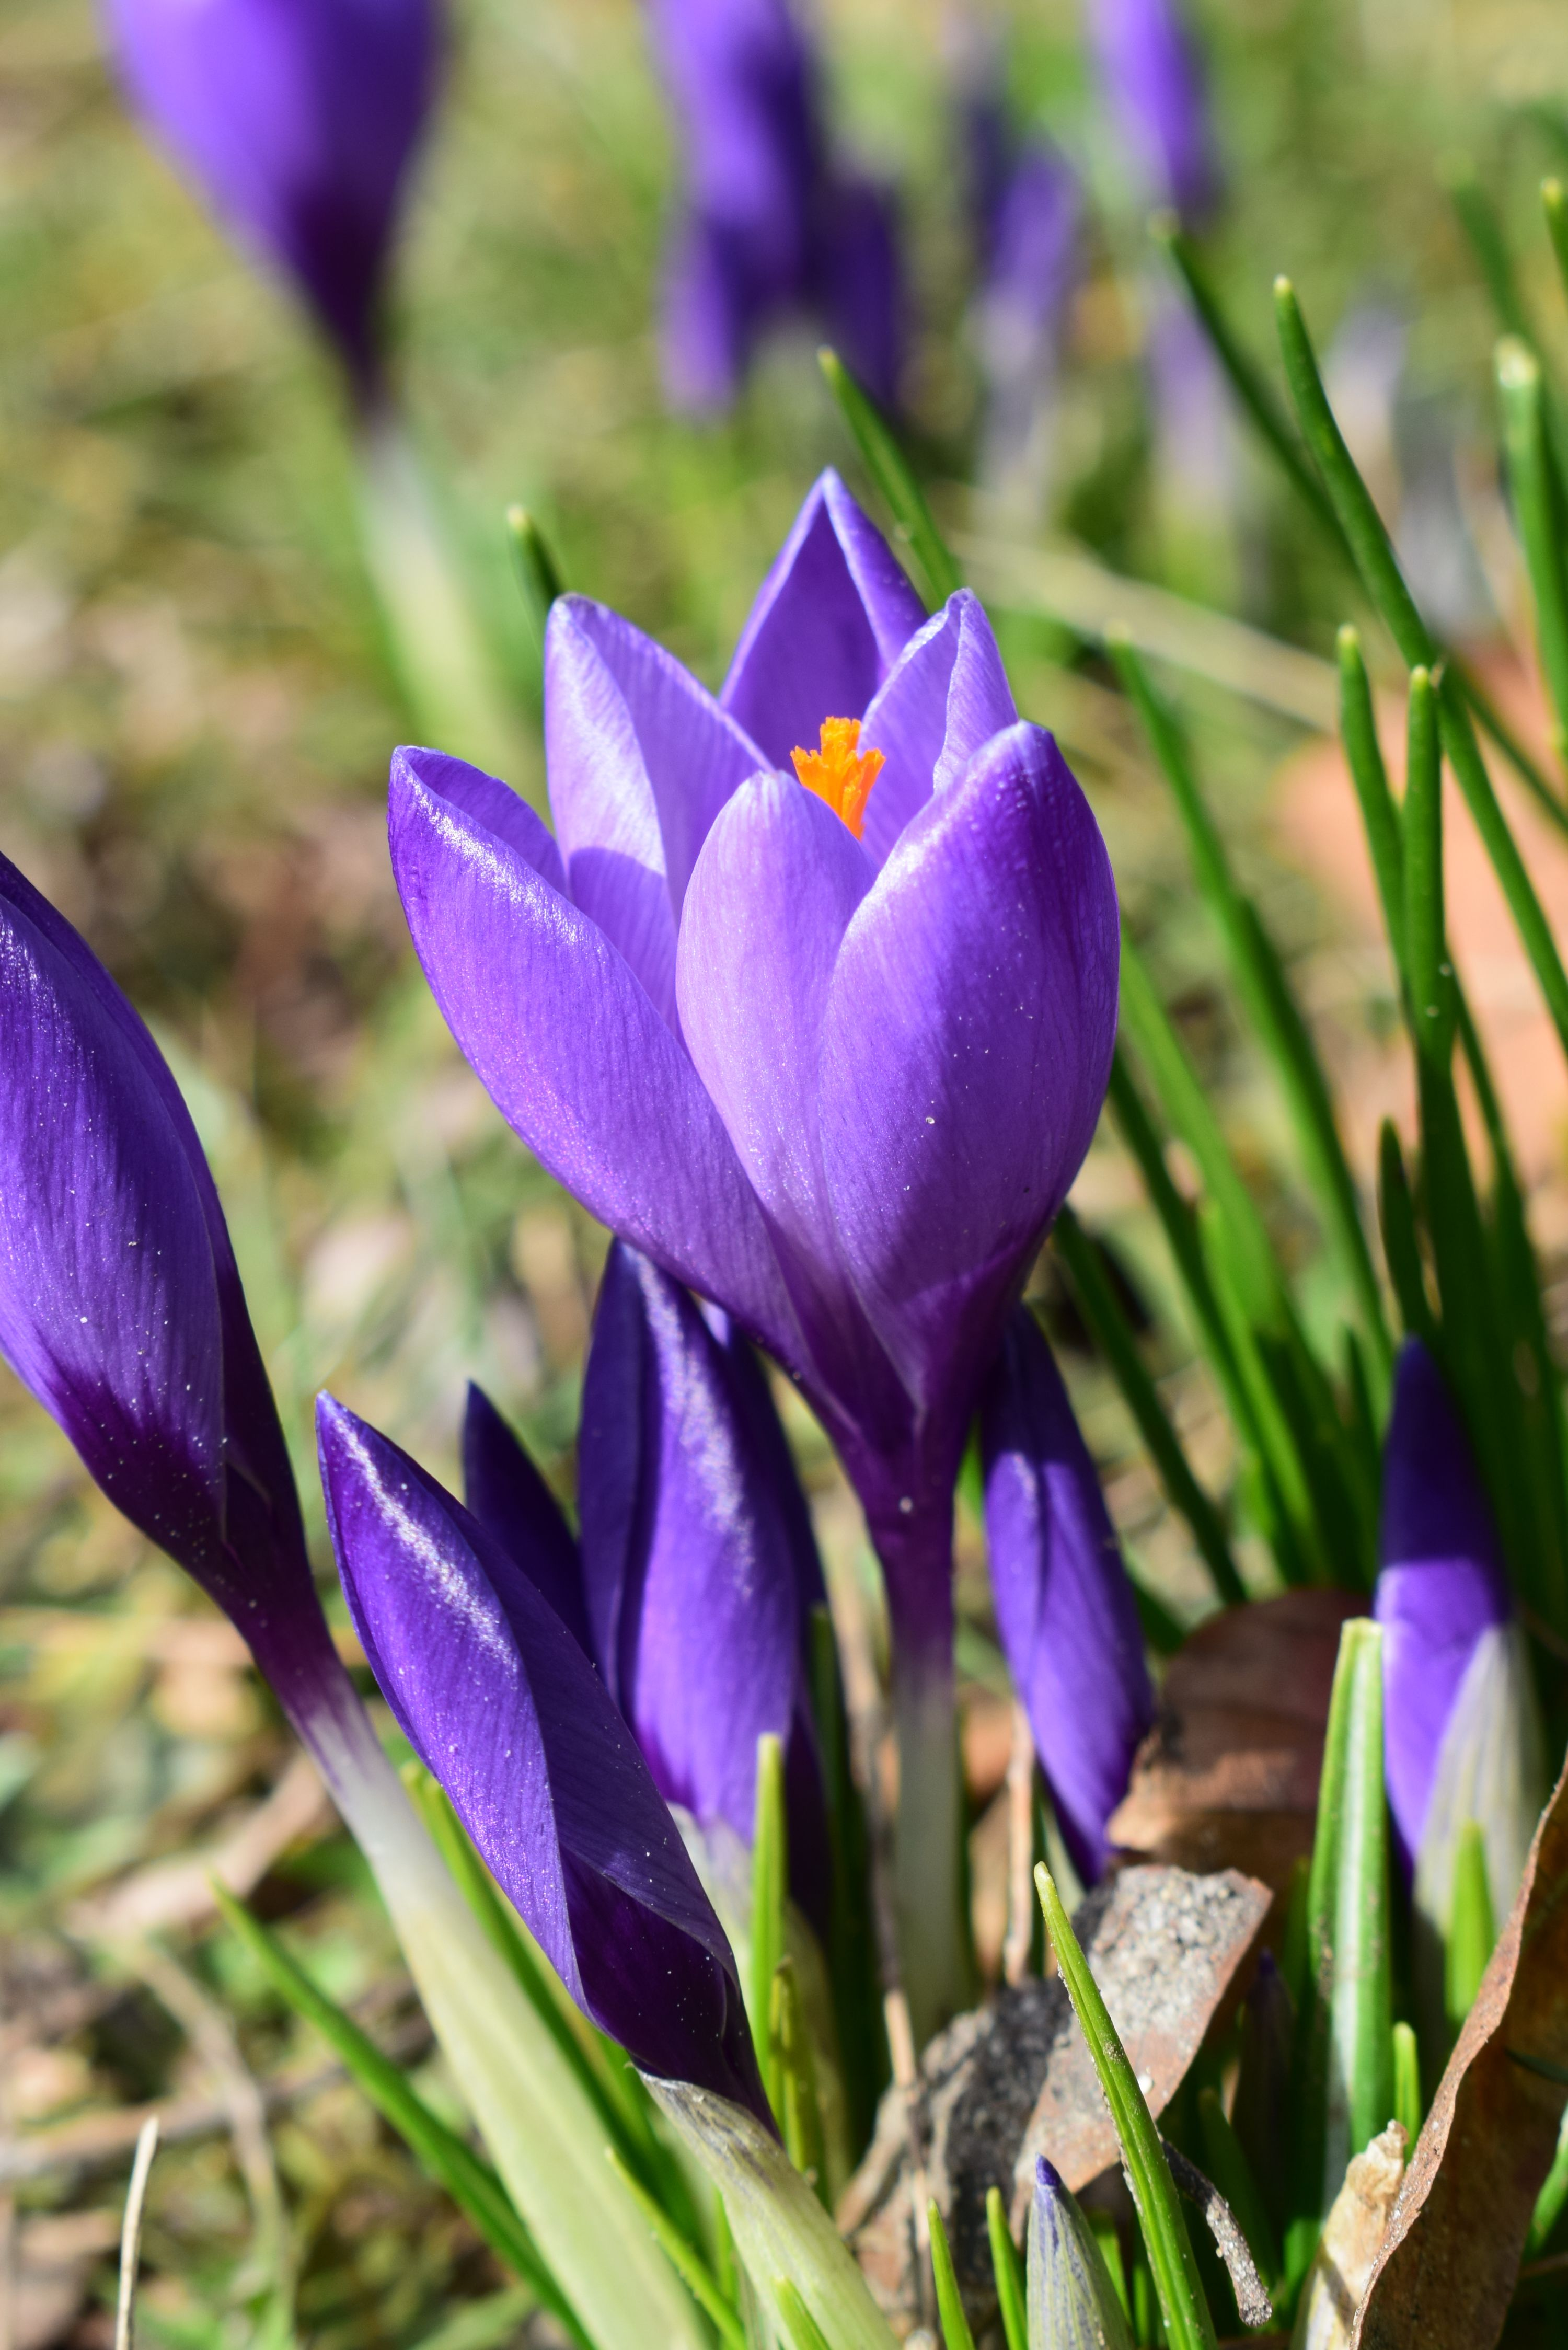 Krokus Stettin Szczecin Kwiaty Flowers Spring Wiosna Plants